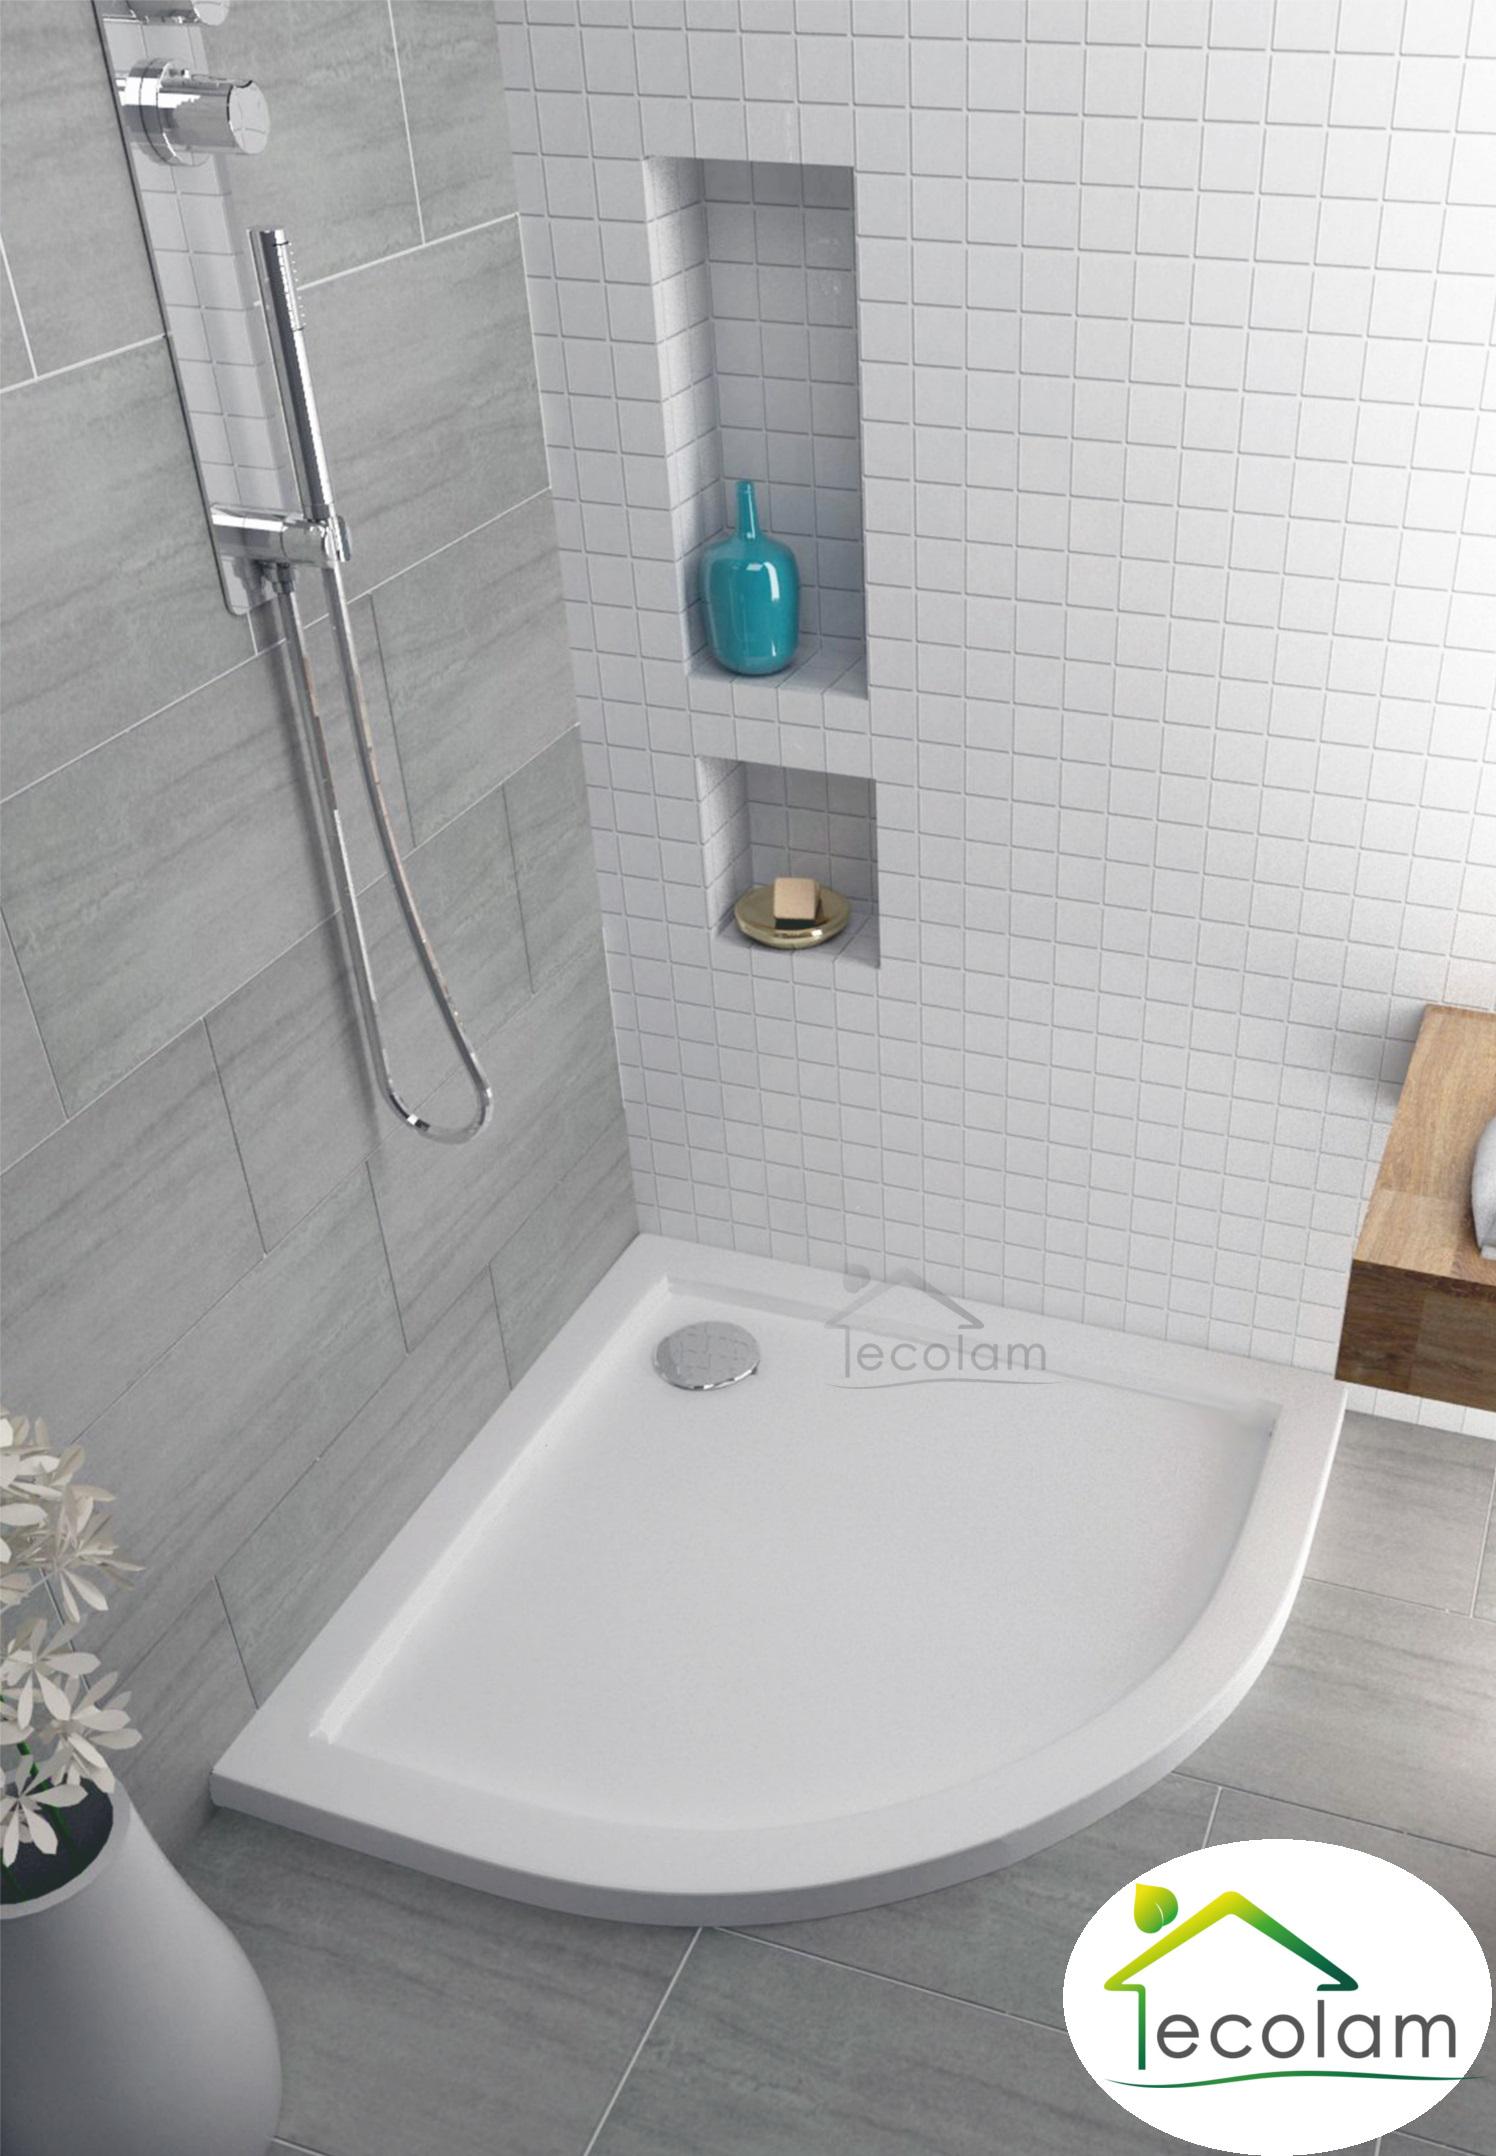 duschwanne duschtasse viertelkreis flach 90 x 90 x 3 x 5 5. Black Bedroom Furniture Sets. Home Design Ideas